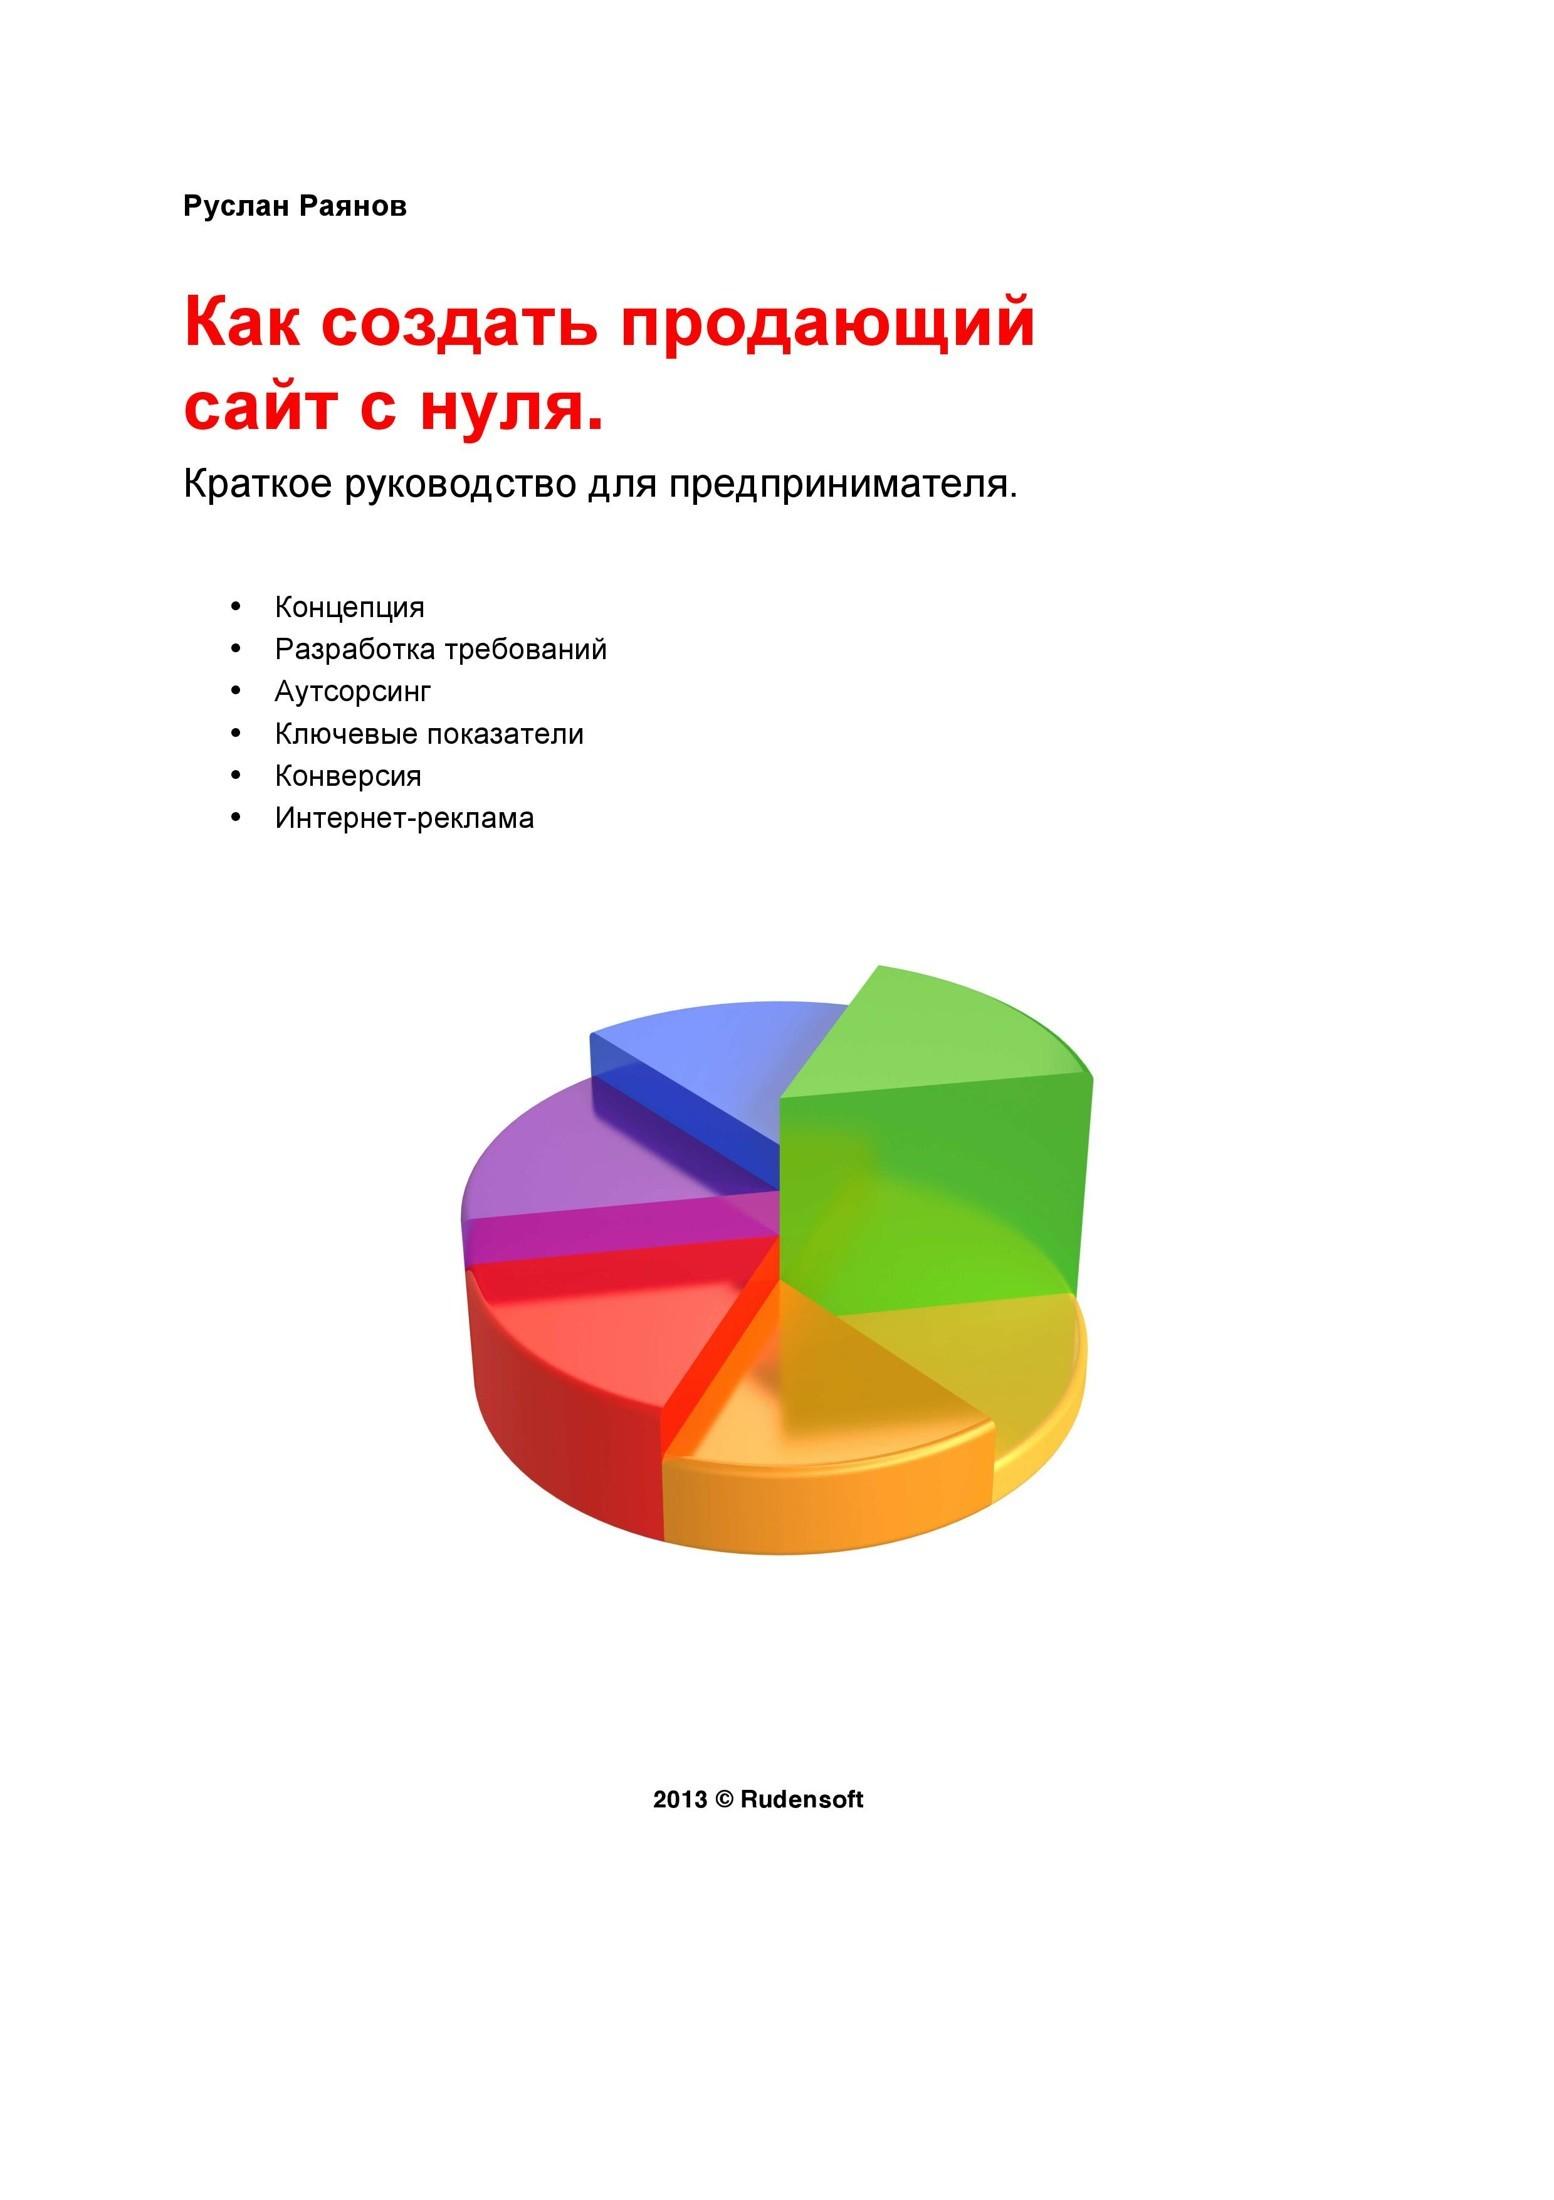 Руслан Раянов, Как создать продающий сайт с нуля - скачать бесплатно в fb2, txt, epub, pdf или читать онлайн, 2016-05-17, t0